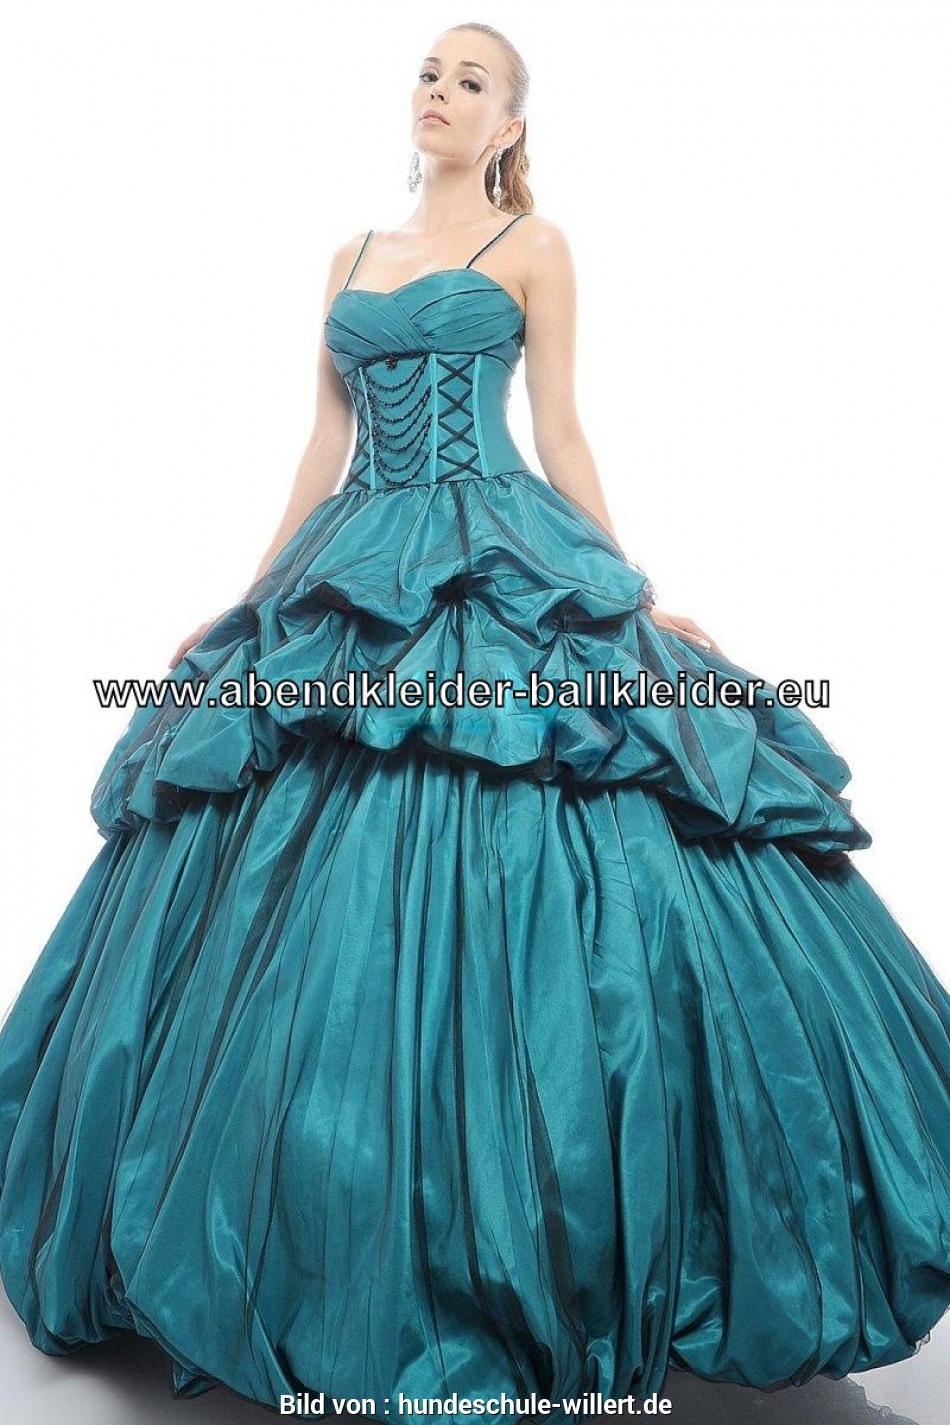 15 Einzigartig Abendkleid In Größe 48 Bester Preis13 Schön Abendkleid In Größe 48 Bester Preis